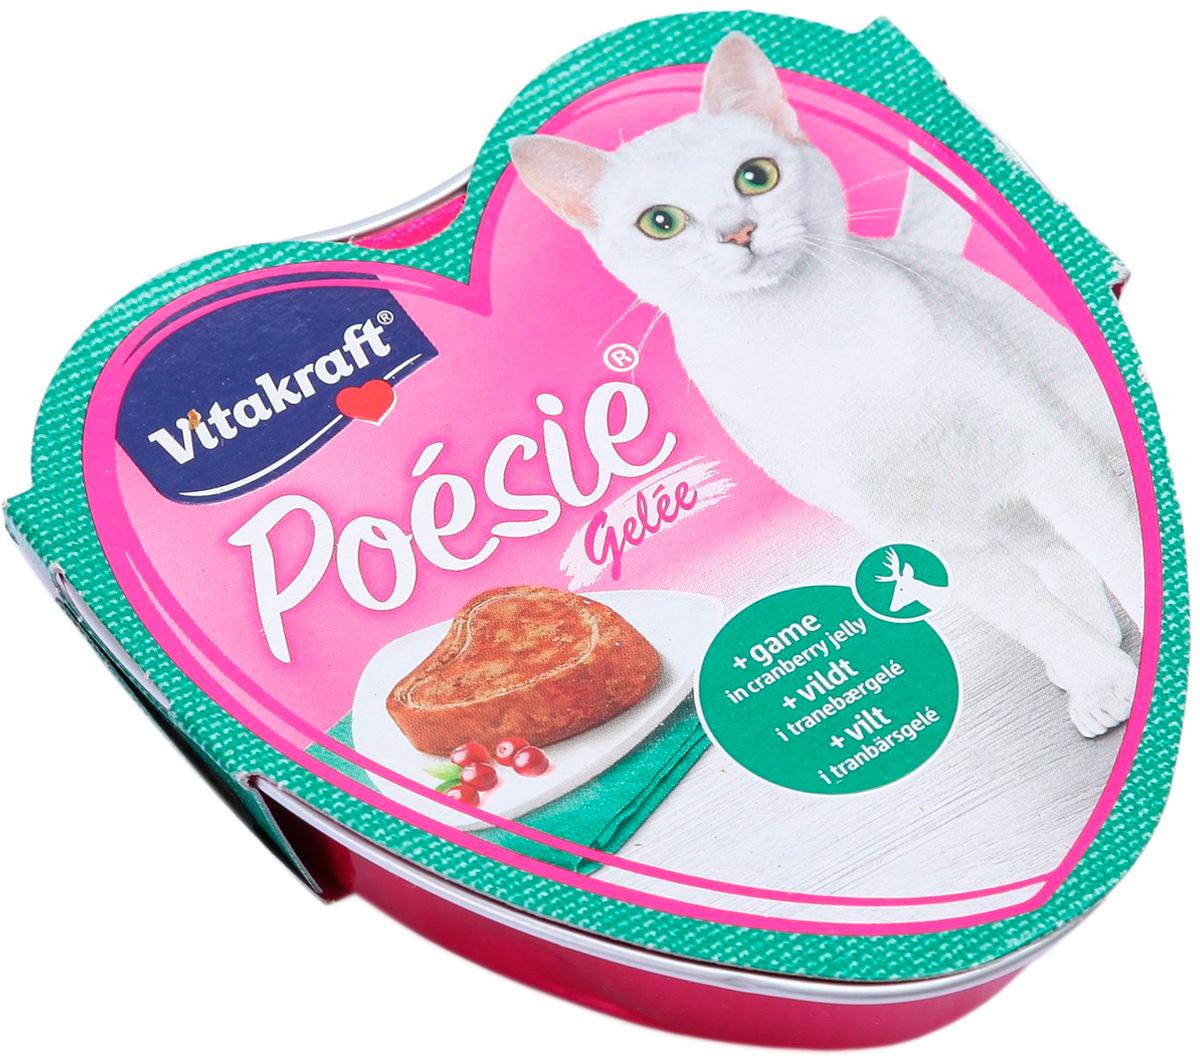 Vitakraft Poesie для взрослых кошек с дичью и клюквой в желе (85 гр).